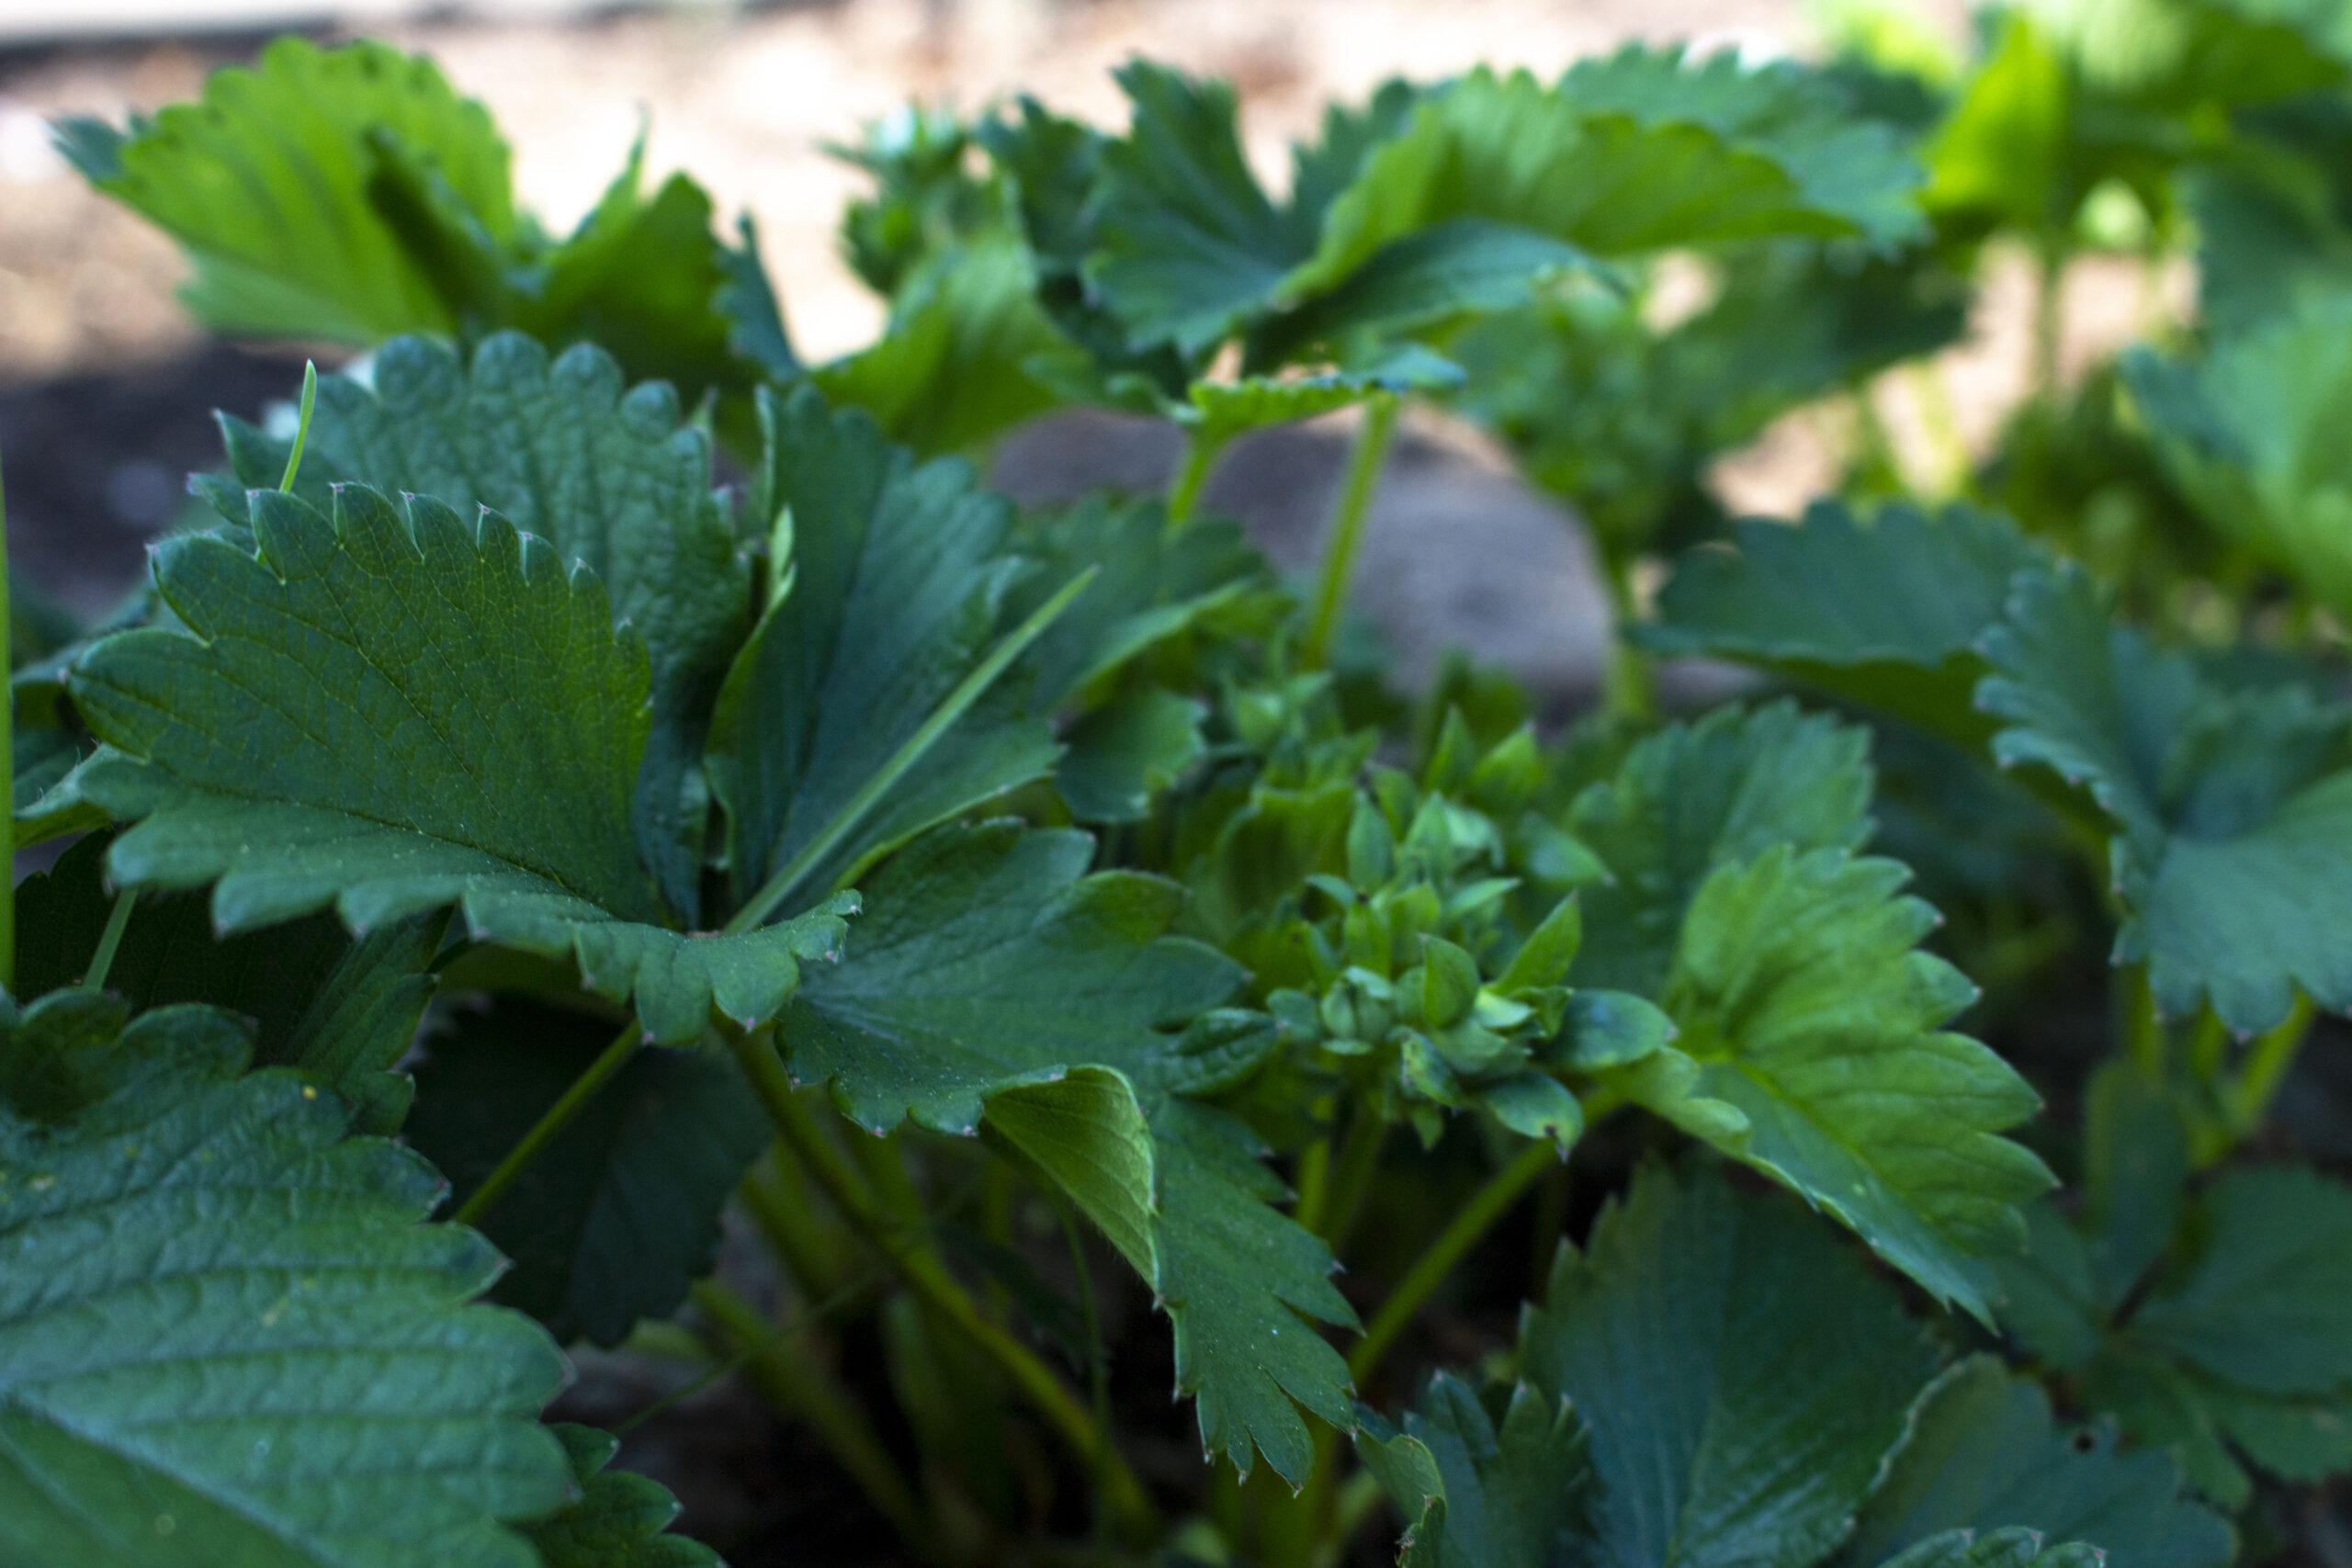 Omplantning af jordbær